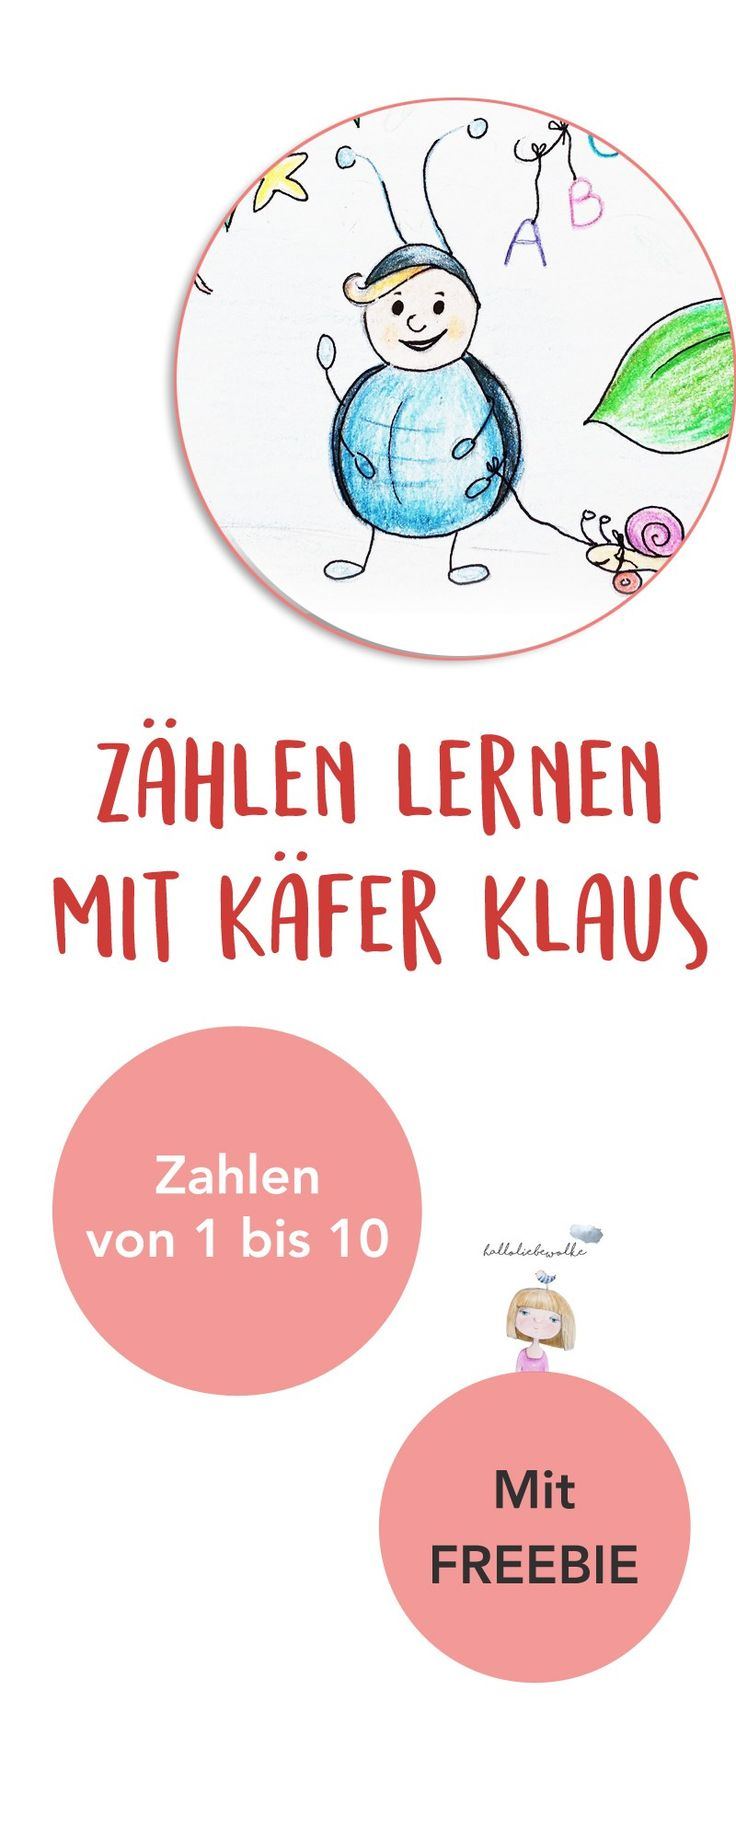 """Zählen und Zahlen lernen mit einer Geschichte von """"Käfer Klaus"""" für Kleinkinder in Kindergarten und Vorschule. Mit Freebie als kostenloses Printable zum Malen und Kreativ sein. Viel Spaß mit Käfer Klaus."""